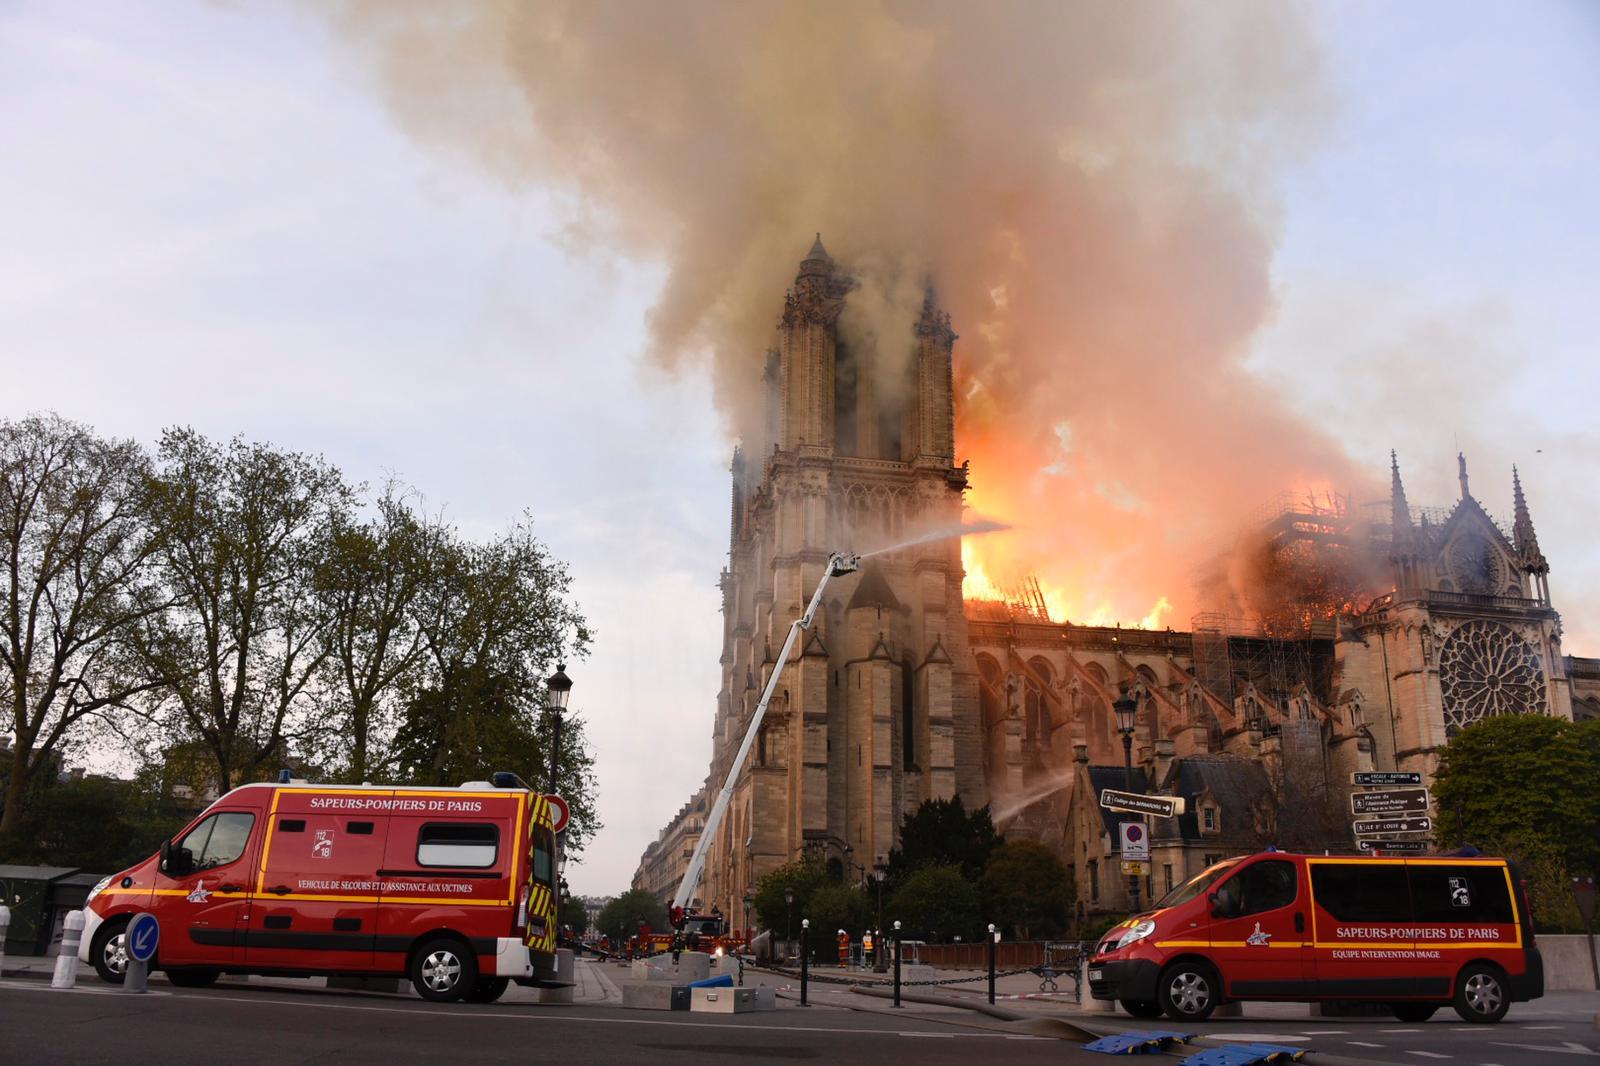 Parigi, brucia Notre-Dame: enorme incendio, il fuoco avvolge la cattedrale, crollata la guglia. Il video in diretta